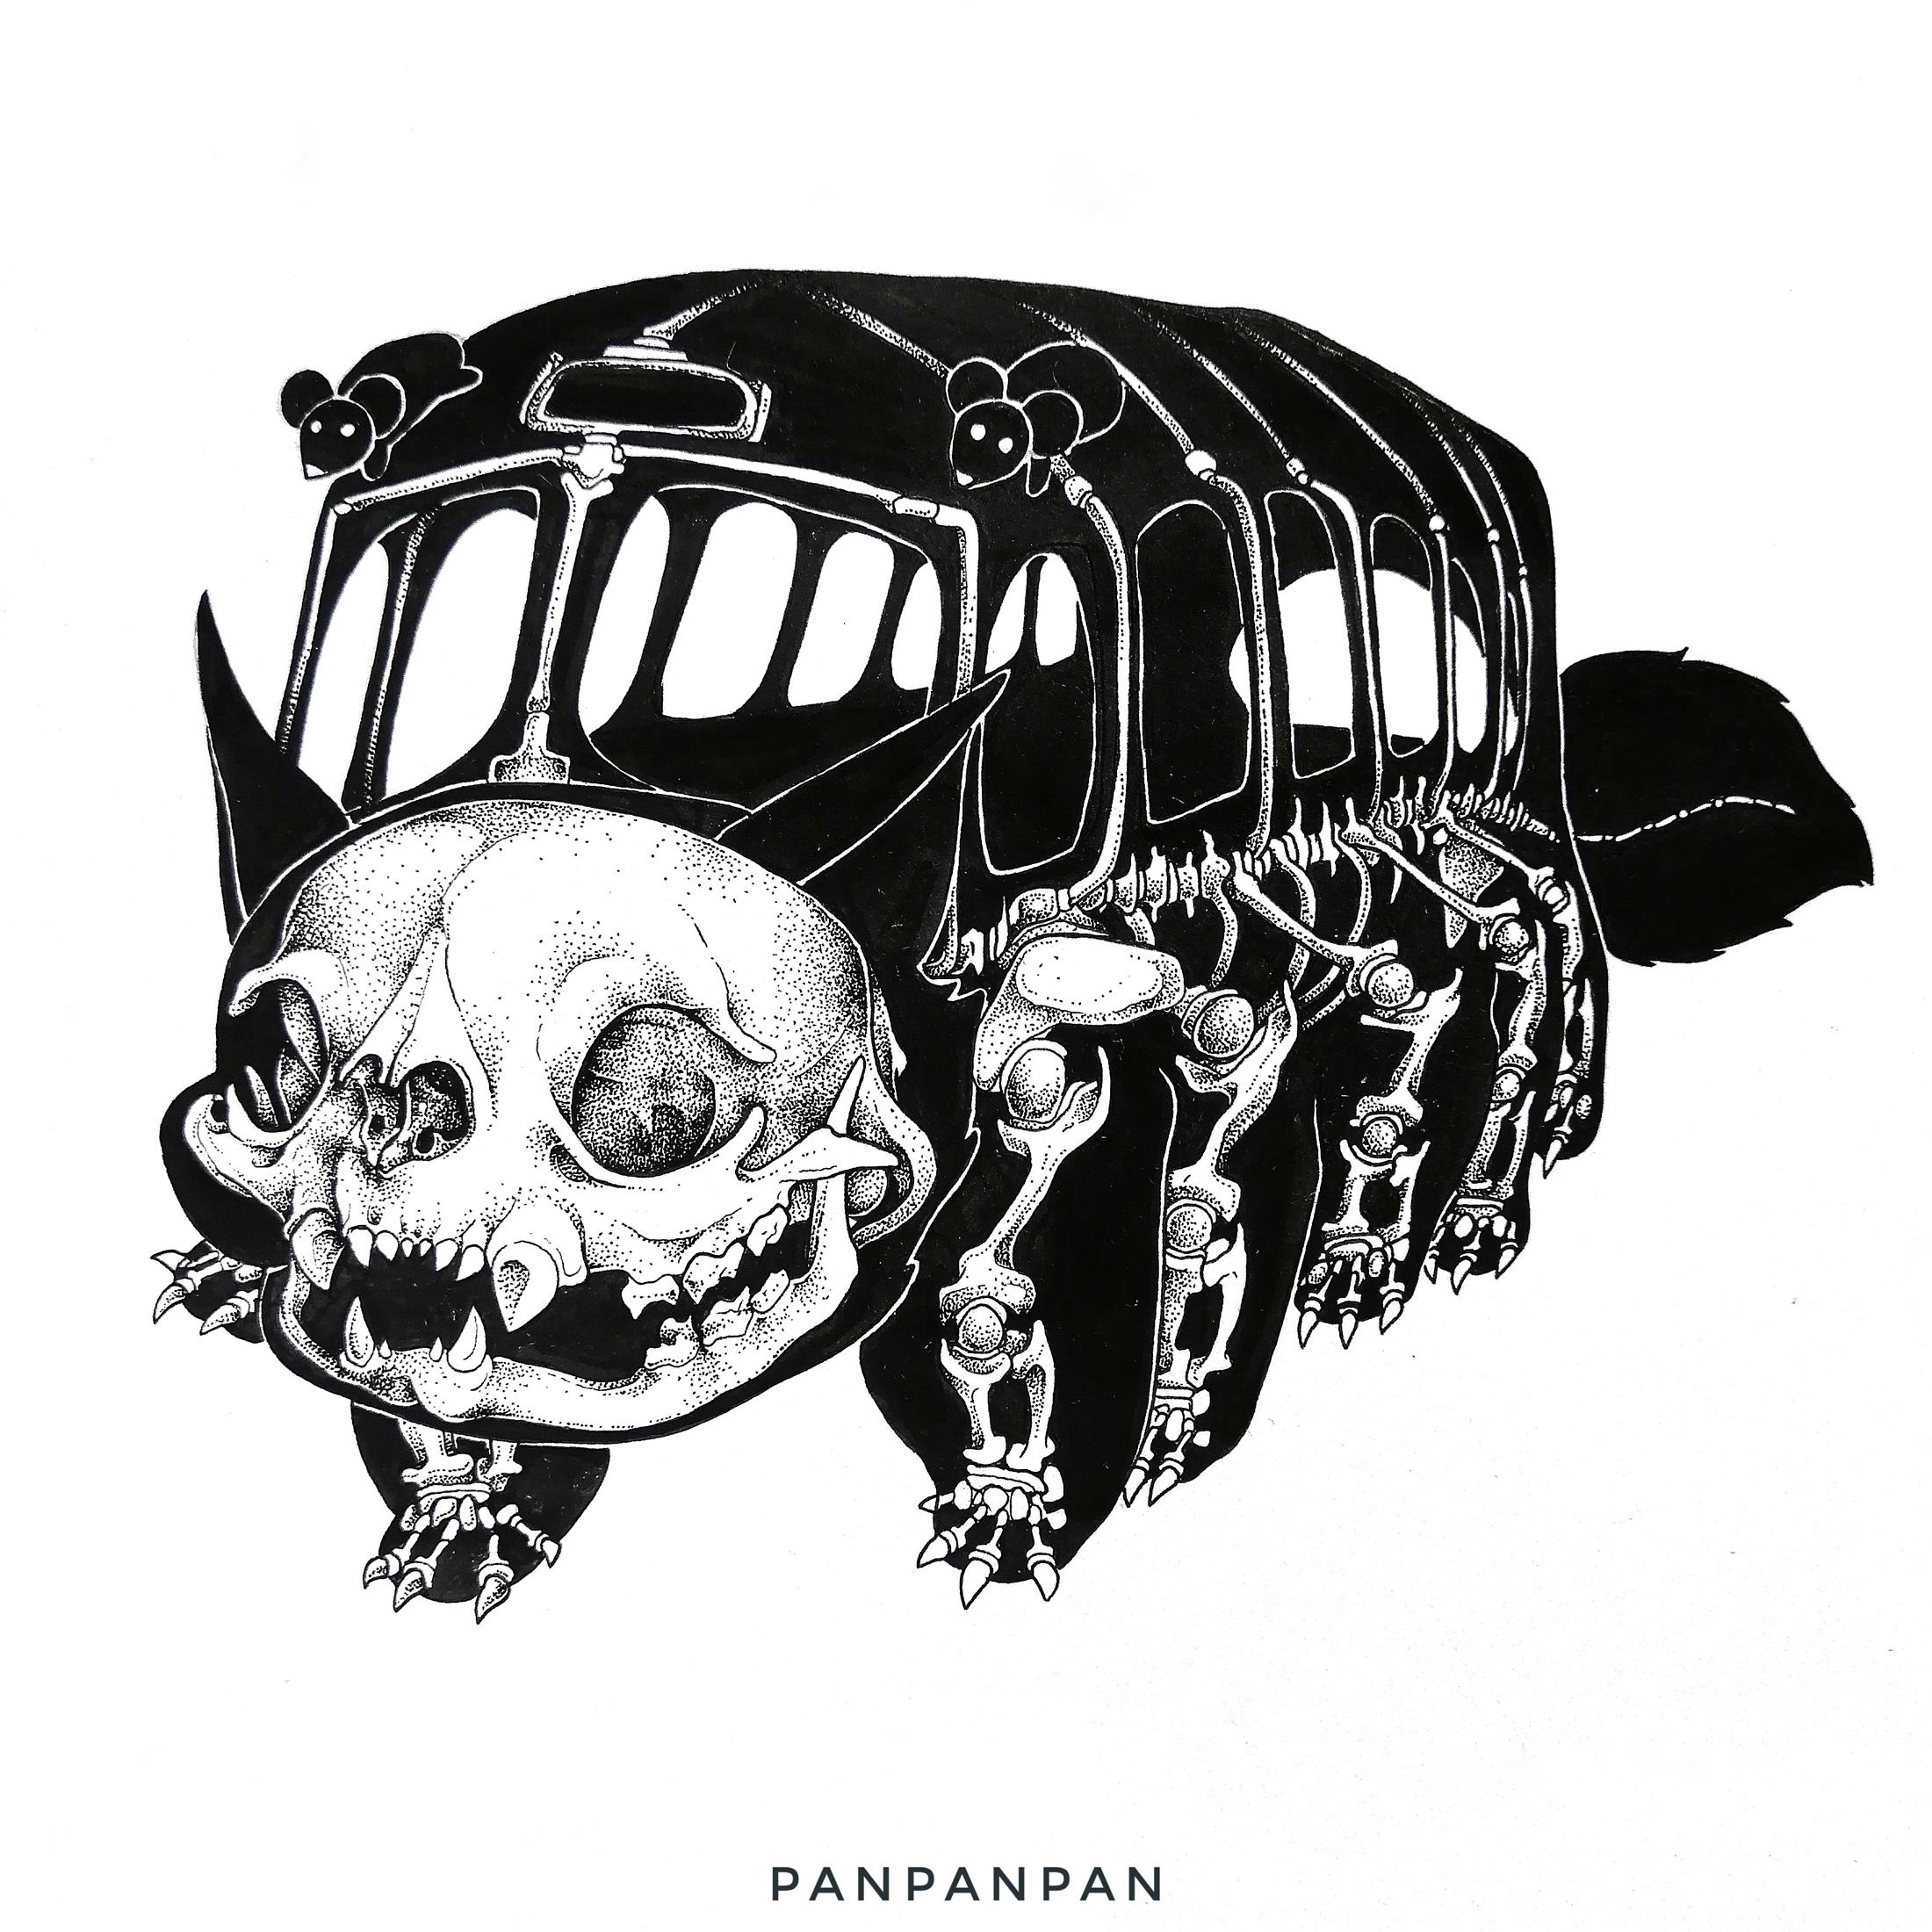 Skelett-Bus by Panpanpan